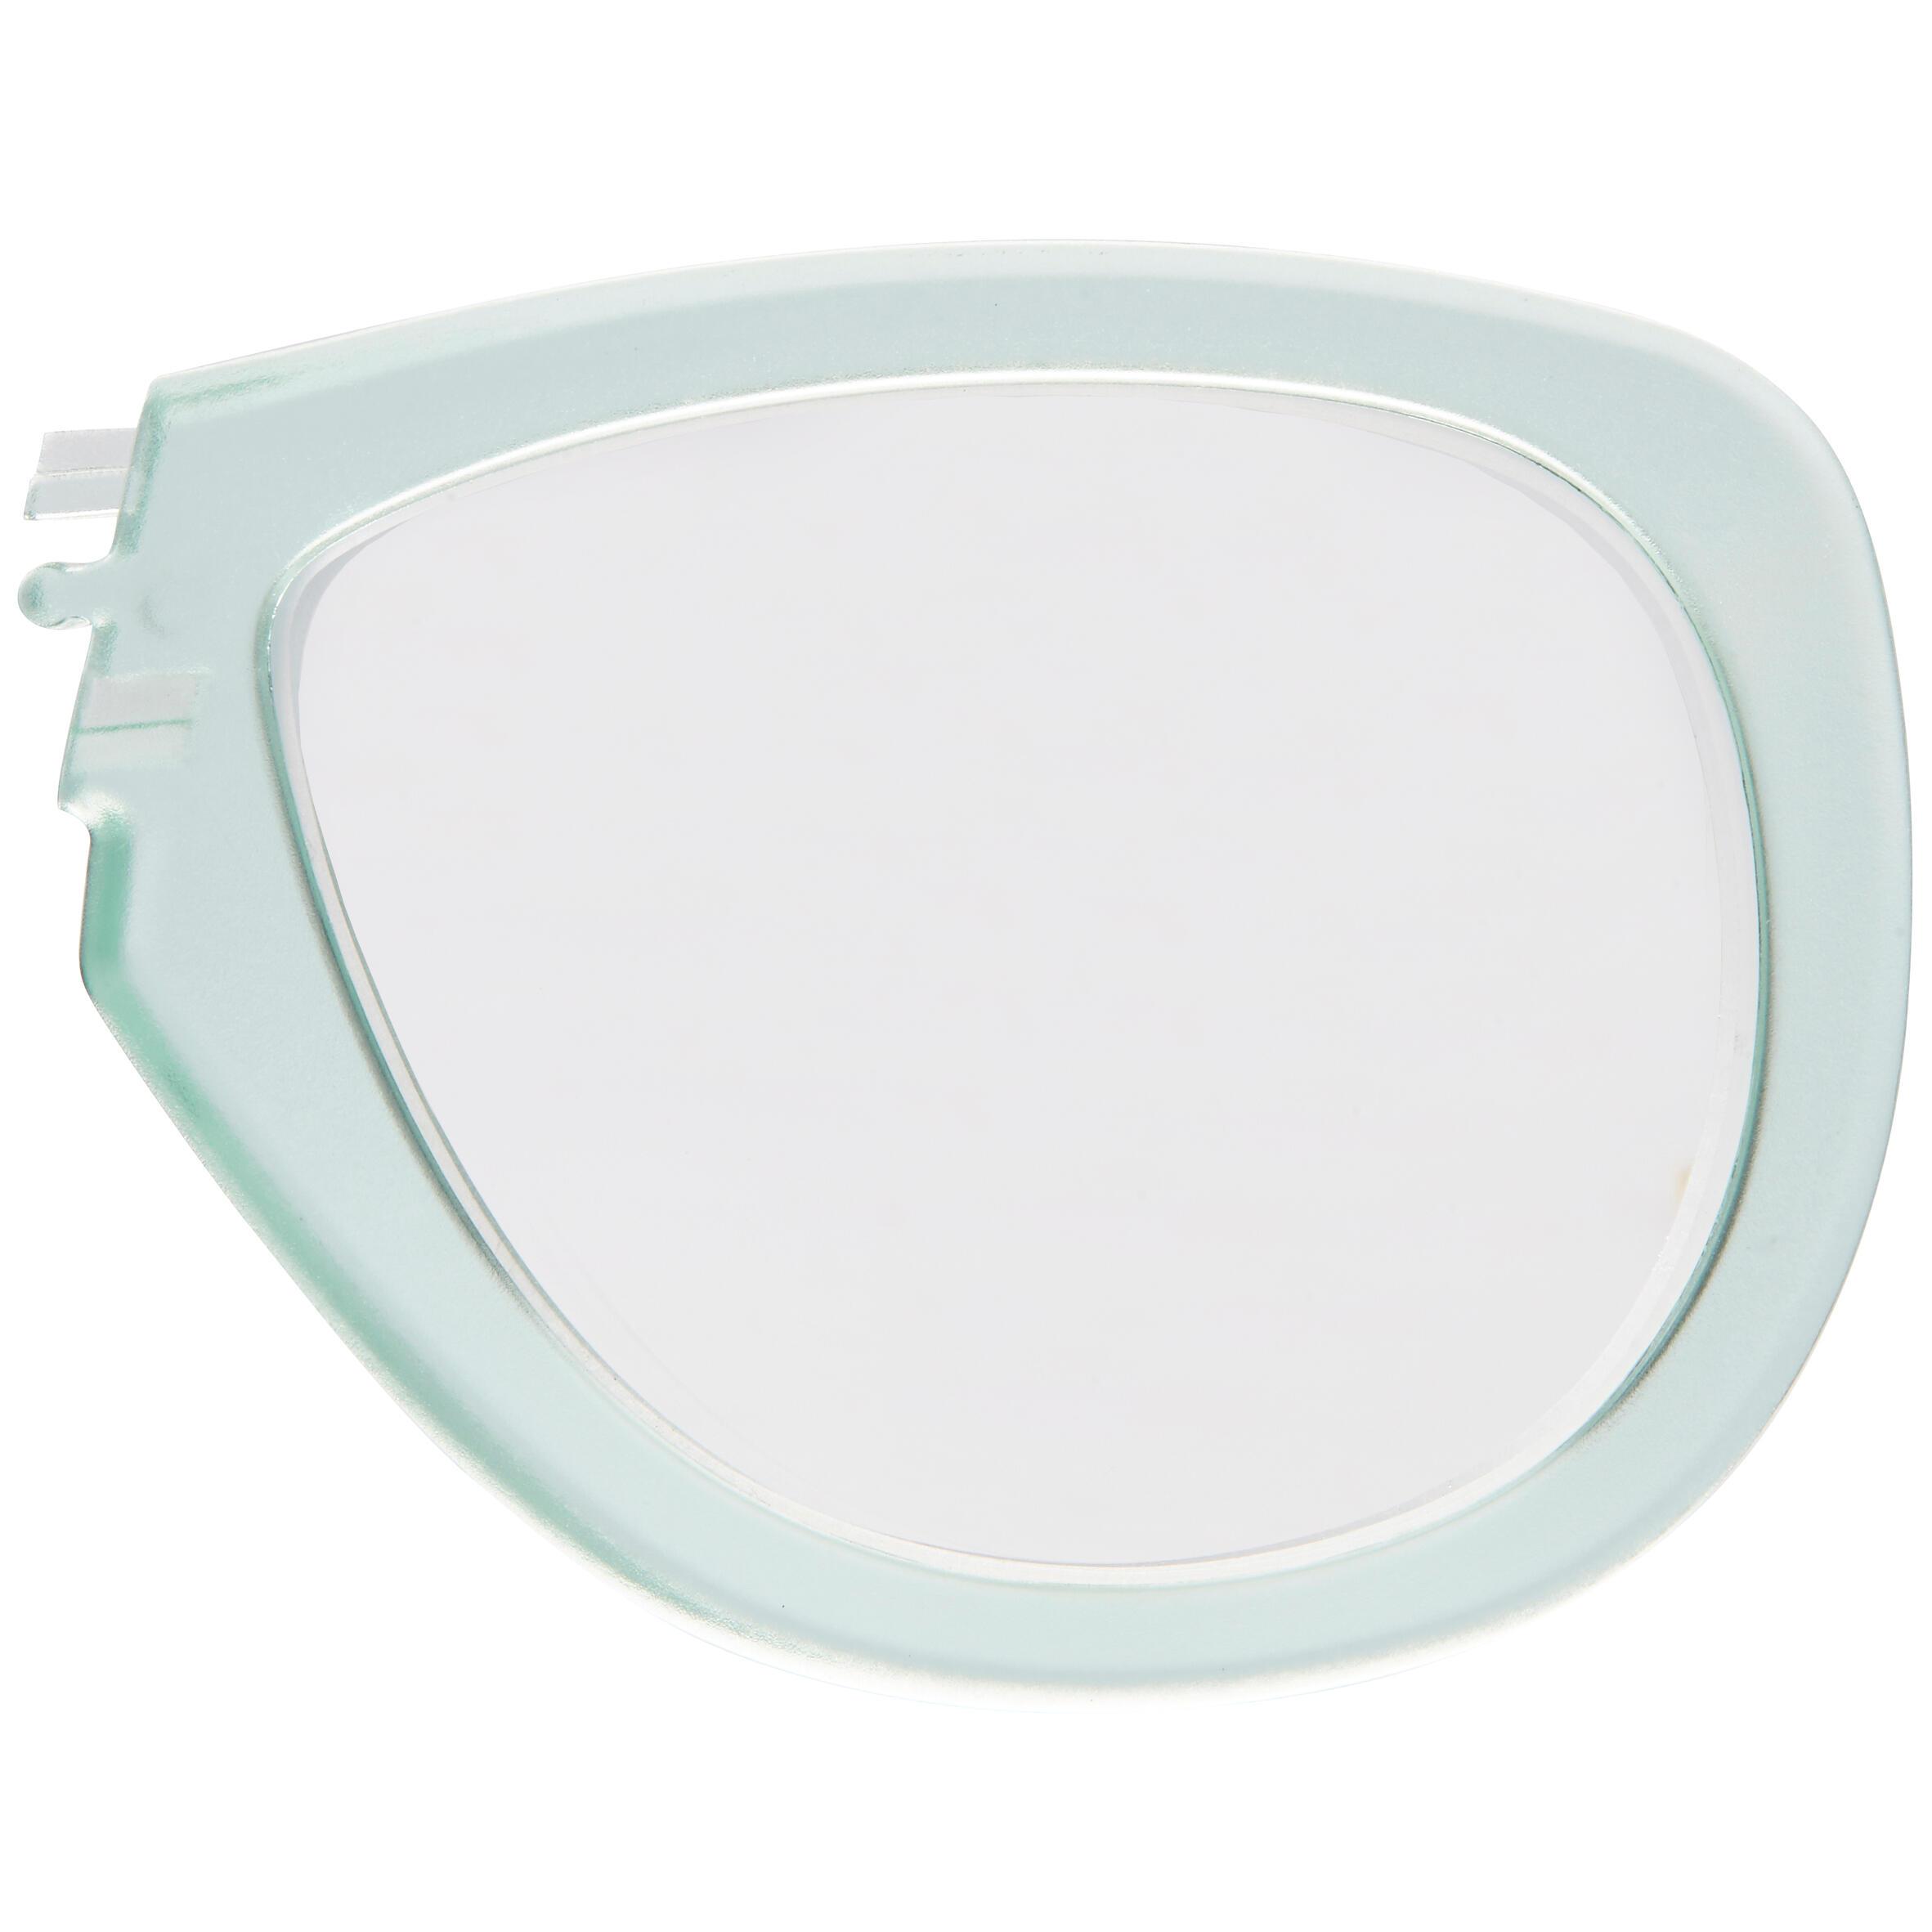 Korrekturglas links Kurzsichtigkeit für Easybreath-Maske mintgrün ...